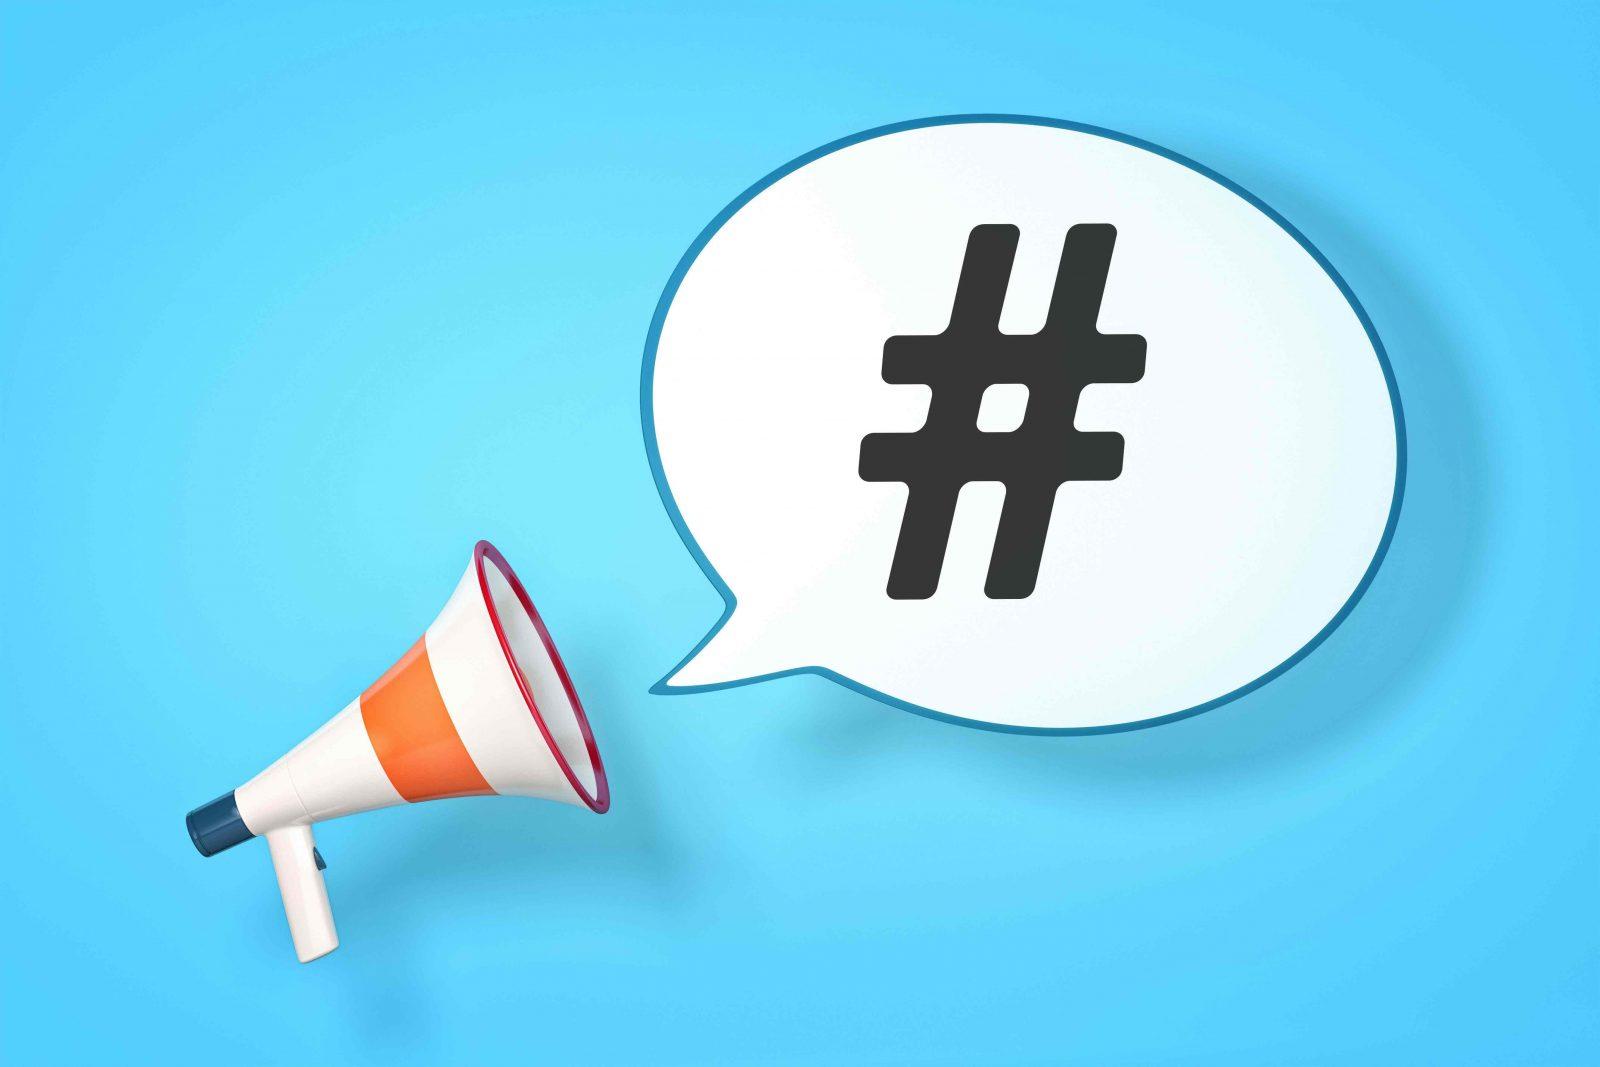 Twitter-Blase